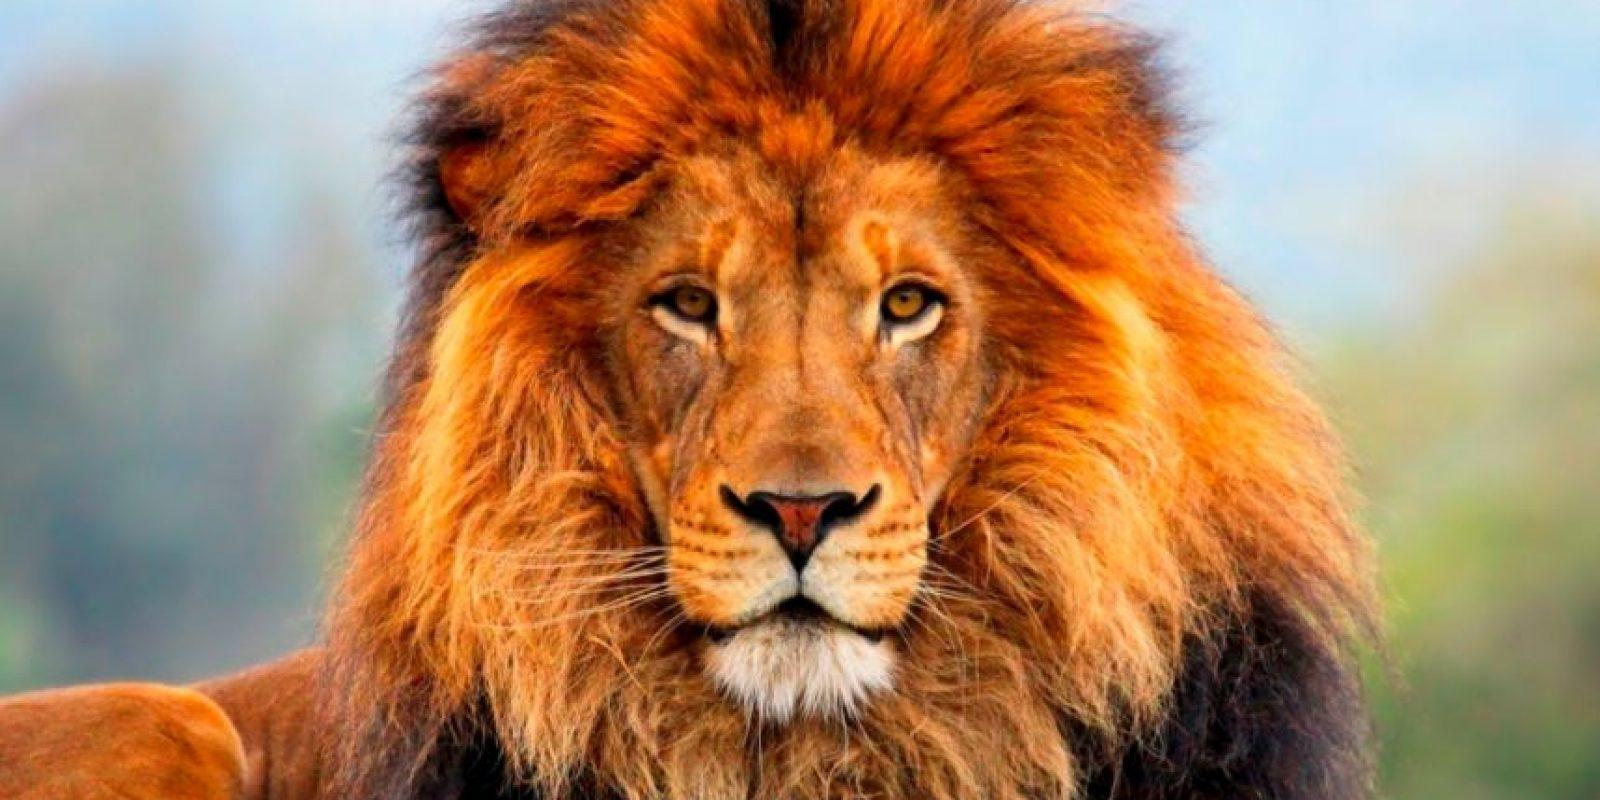 Las redes sociales estallaron. ¿Por qué era culpa de los animales? El zoológico debió tomar precauciones. Foto:vía Getty Images